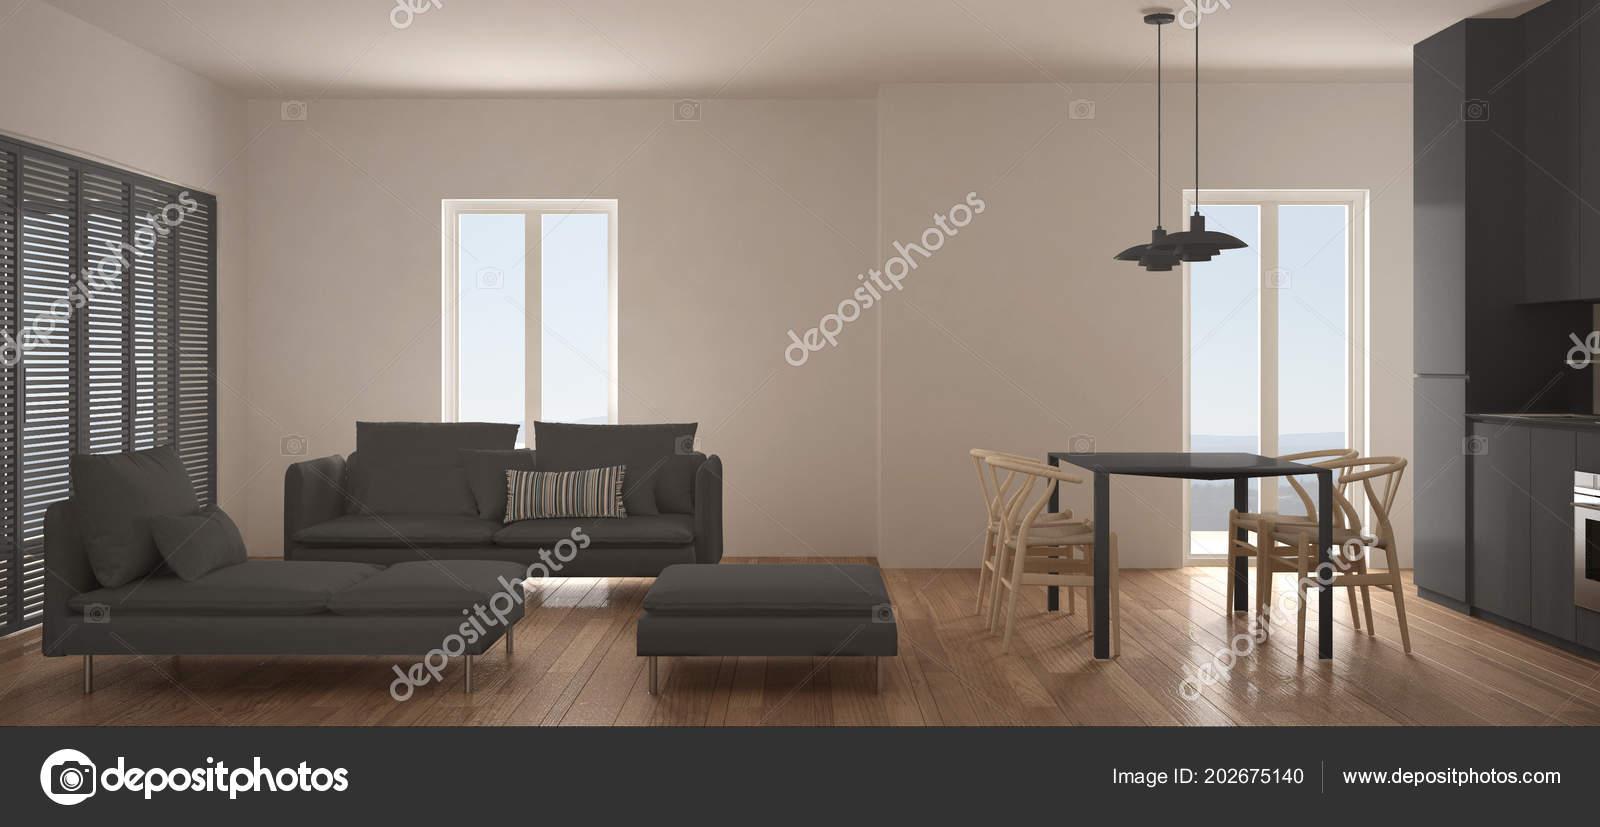 Minimalistische scandinavische woonkamer met keuken eettafel bank